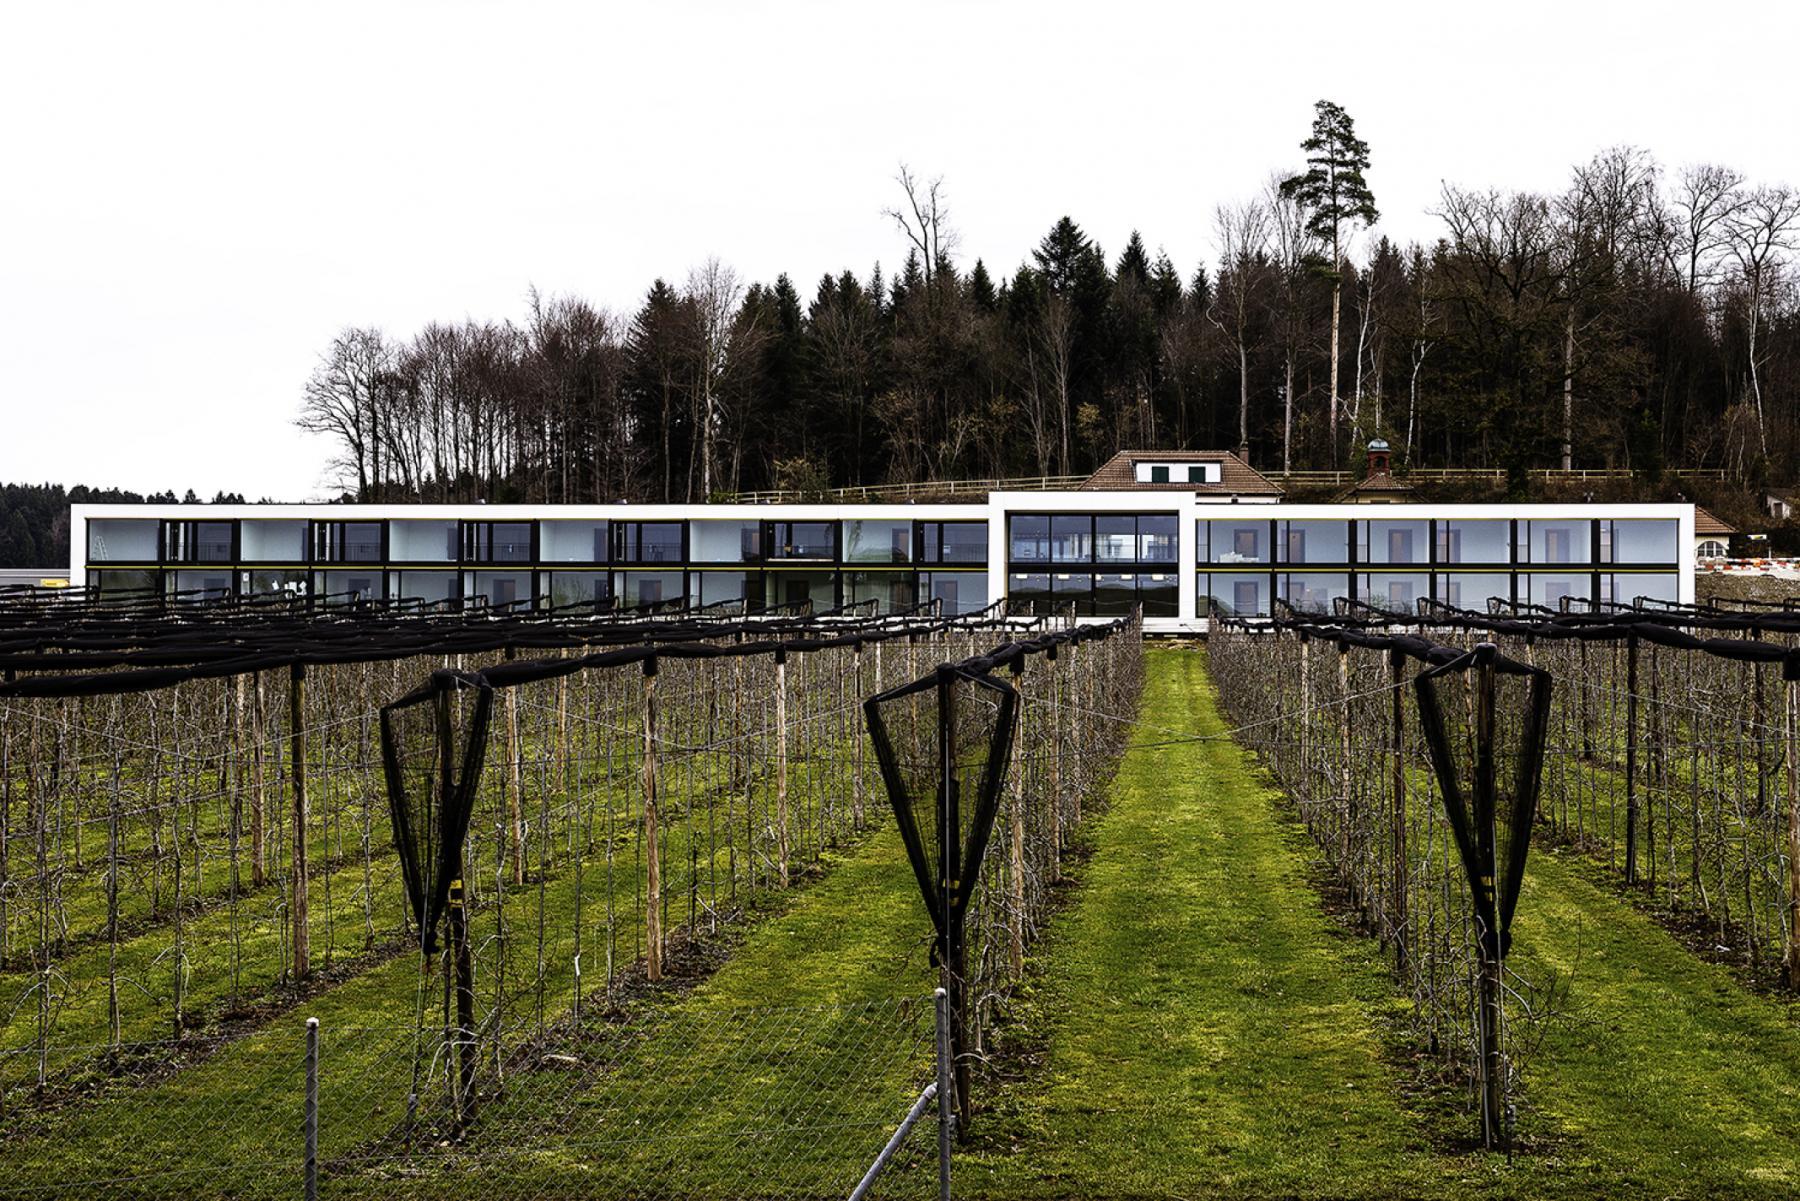 Regionales Wohn- und Pflegeheim St. Niklaus, Koppigen, ARGE zurfluh architekten, AMZ Architekten, panorama